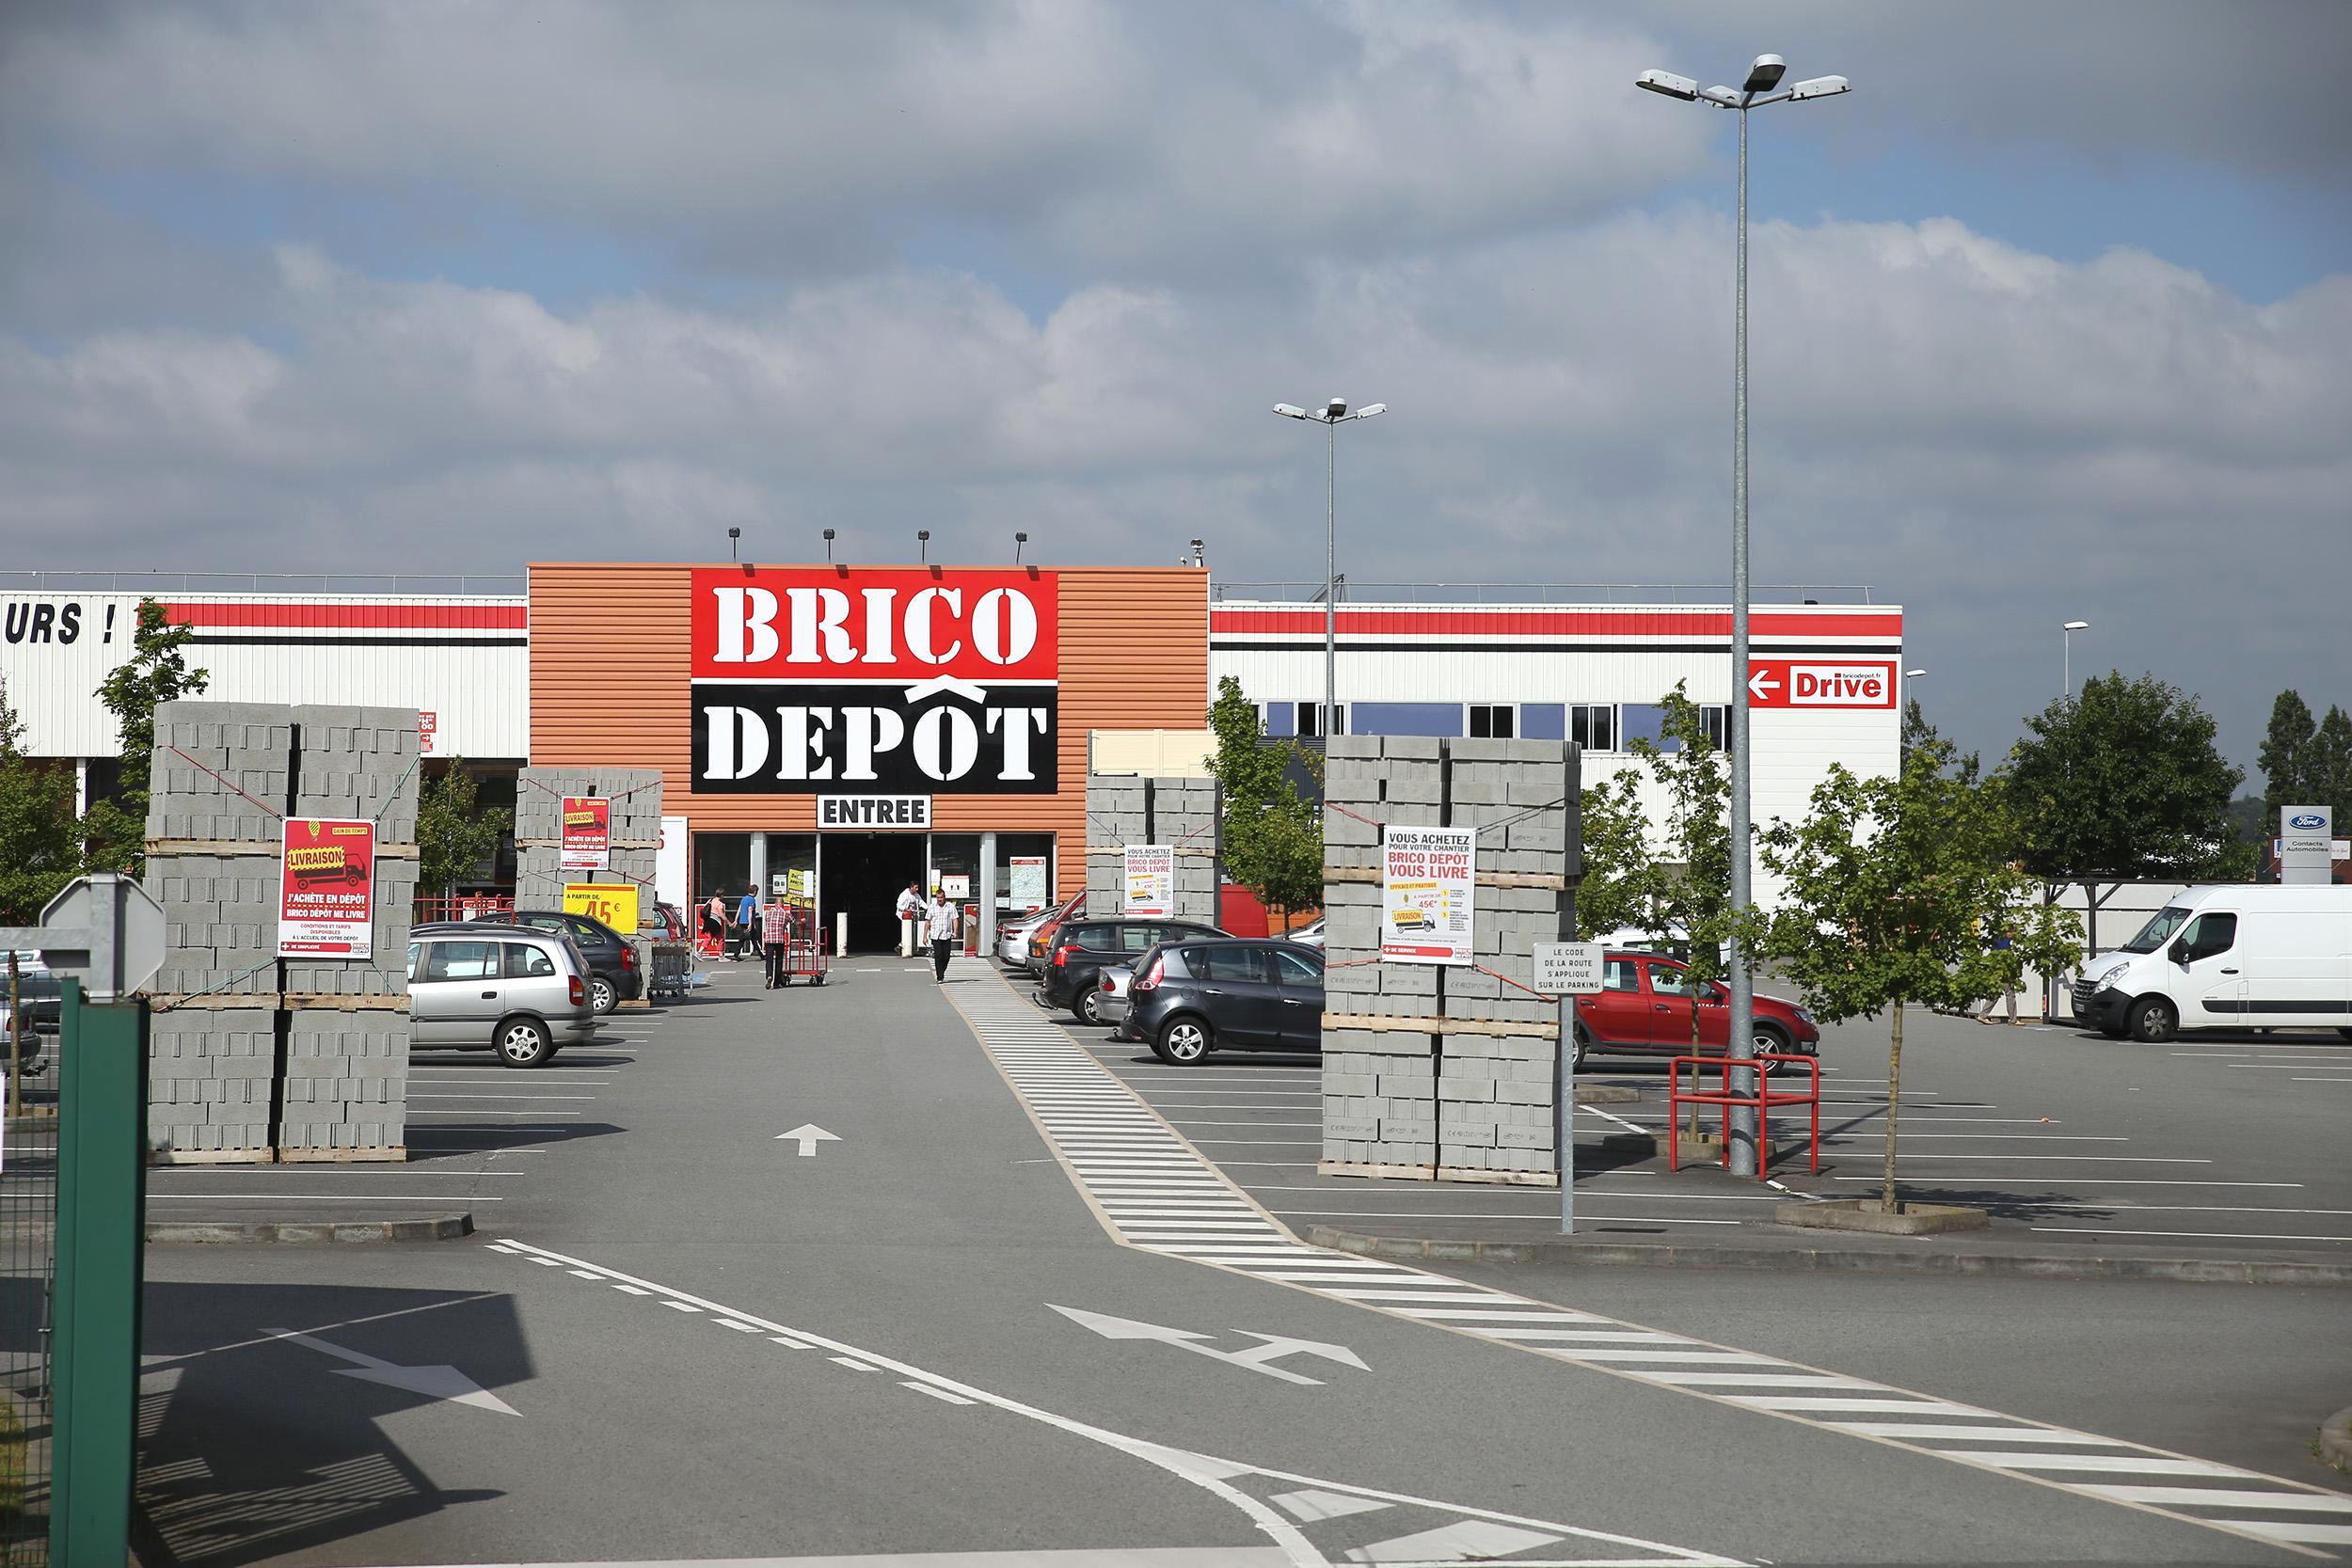 Brico Depot Morlaix Frais Livraison Brico Depot Of 34 Best Of Brico Depot Morlaix